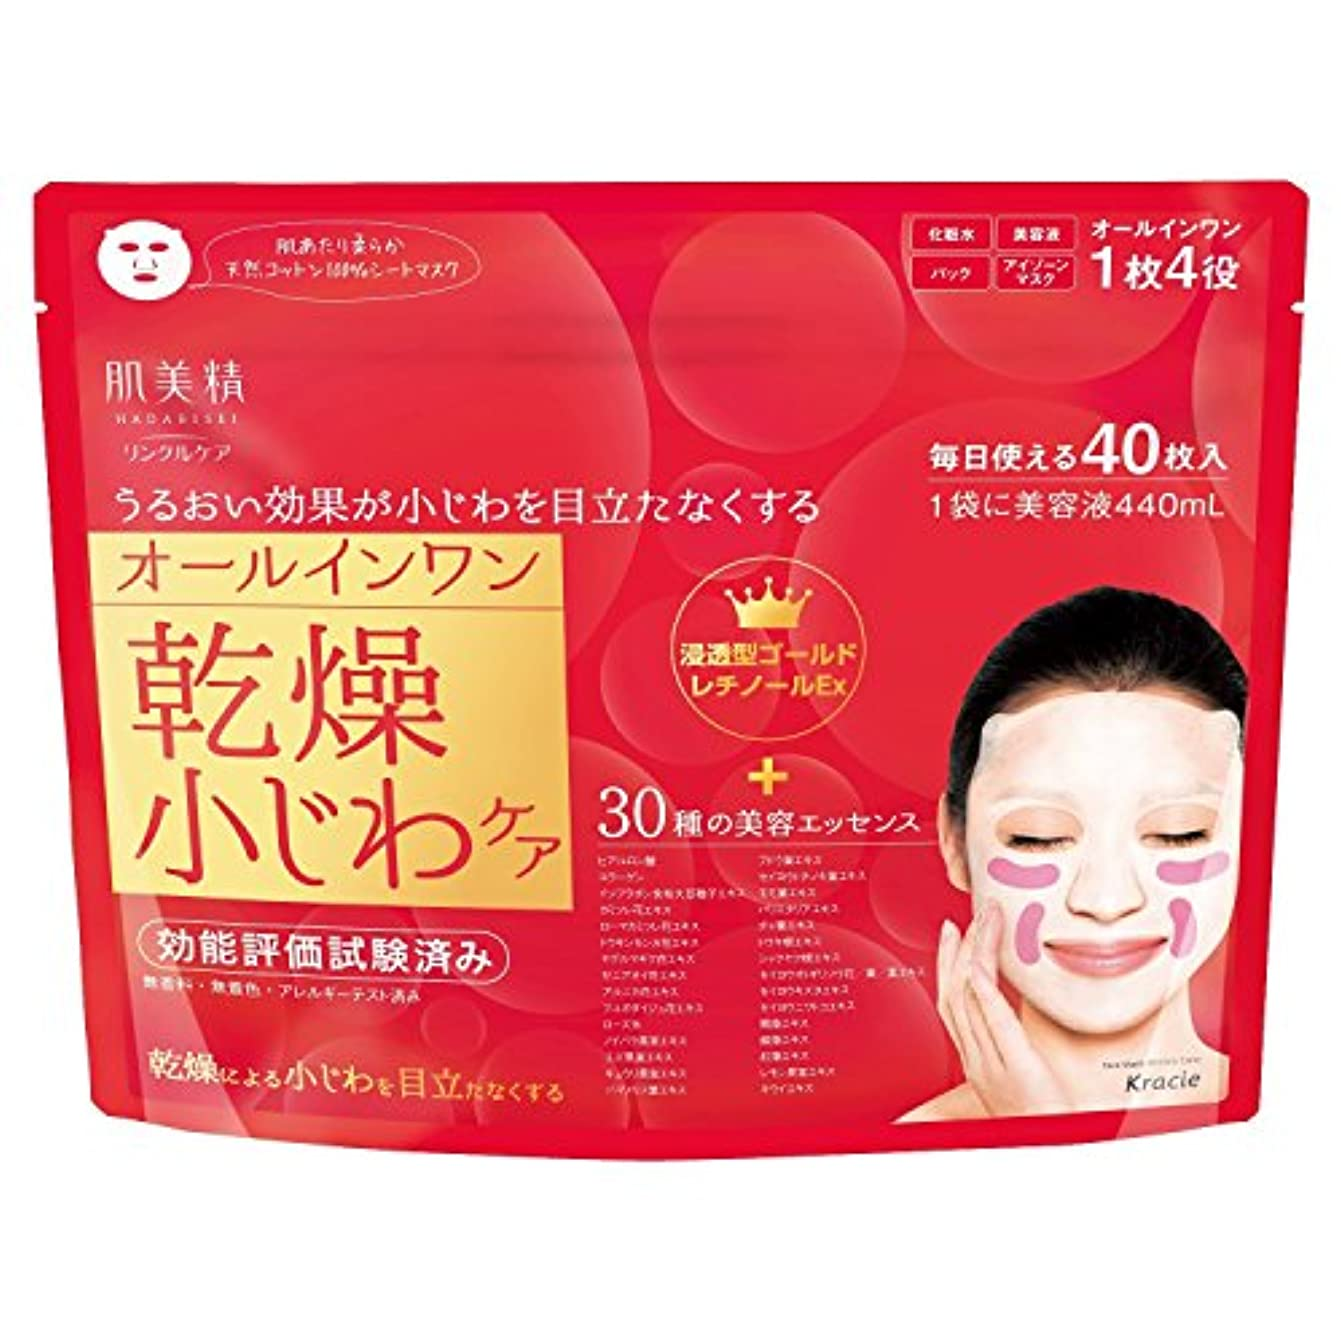 キャッチチャレンジブロンズ肌美精 リンクルケア美容液マスク 40枚 × 2個